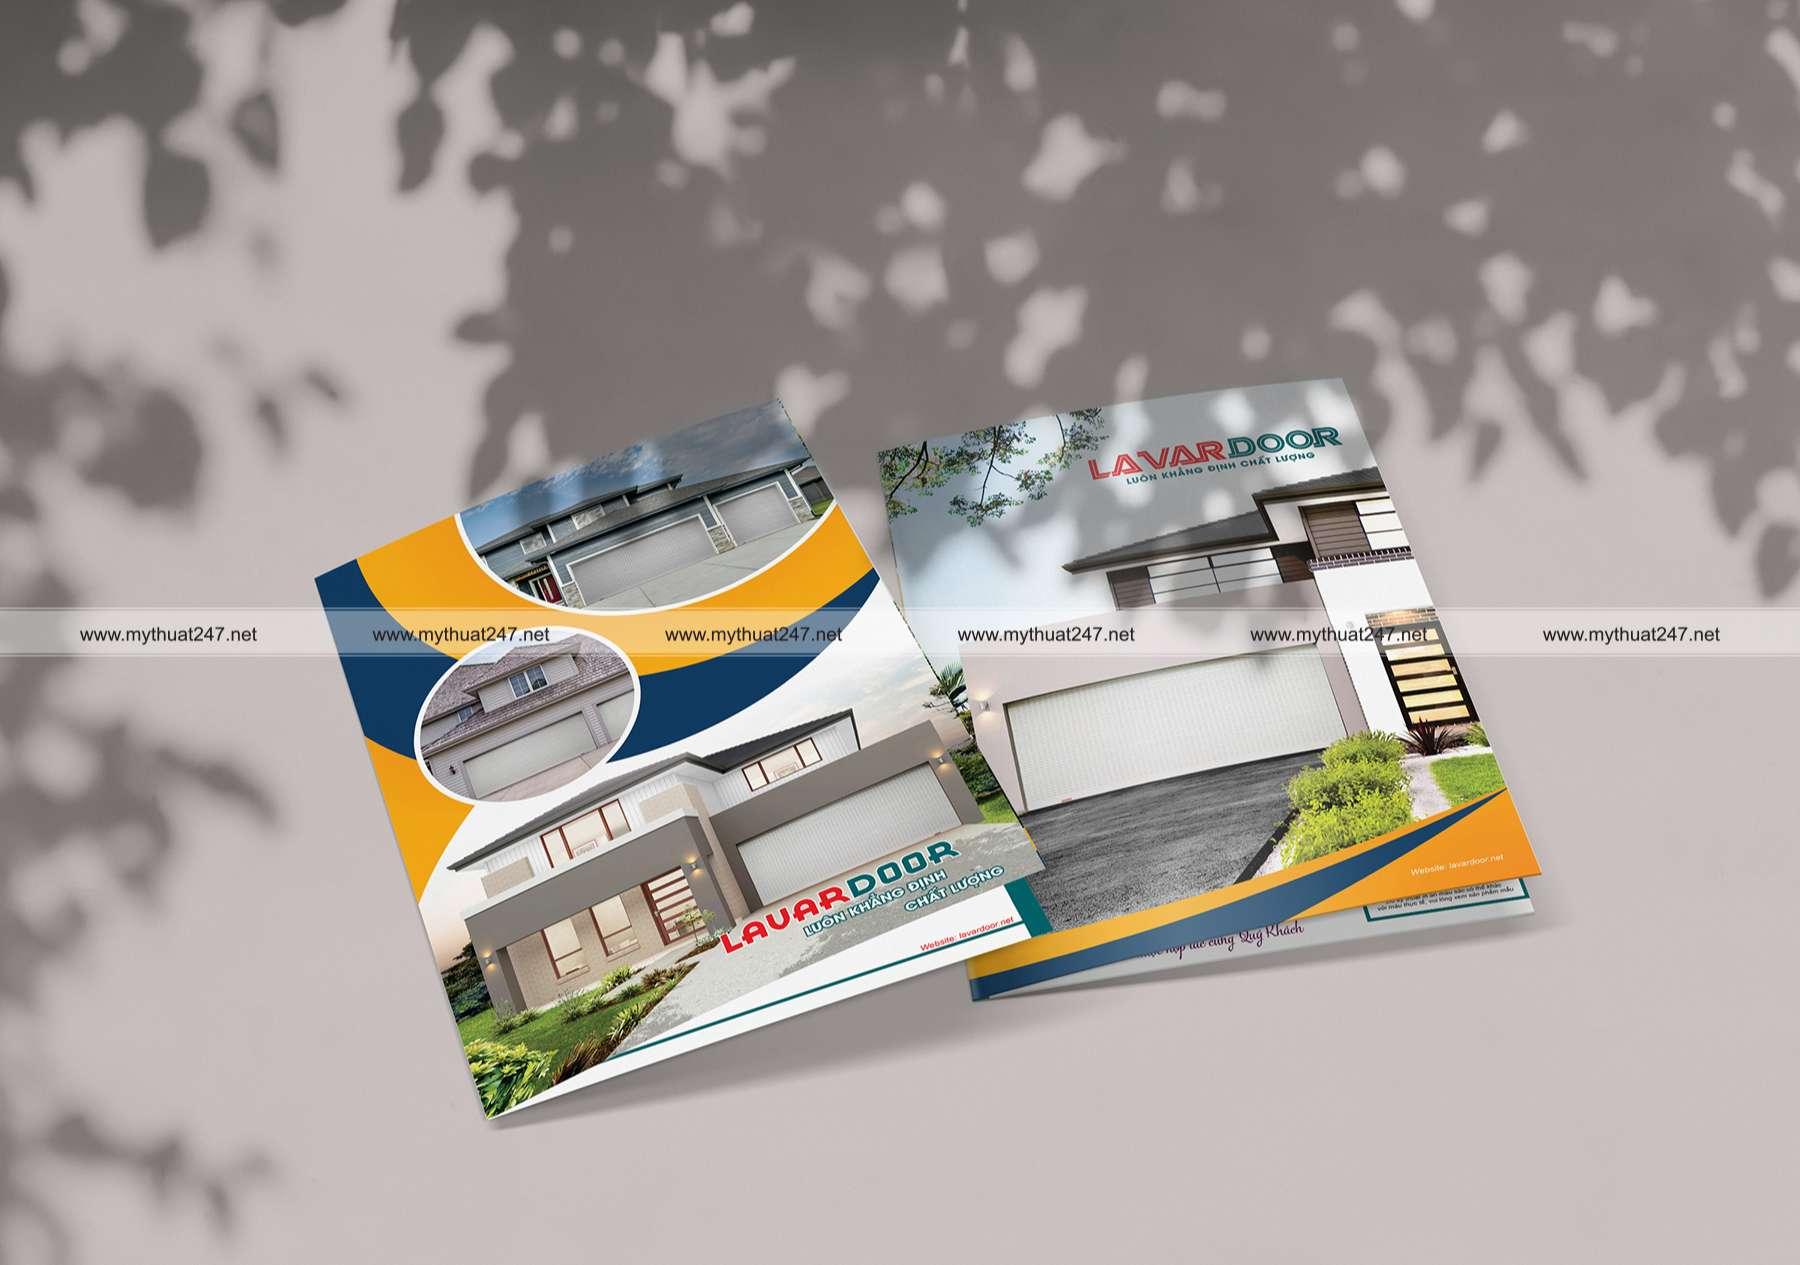 Thiết kế brochure cửa cuốn nhôm khe thoáng công nghệ đức LAVARDOOR